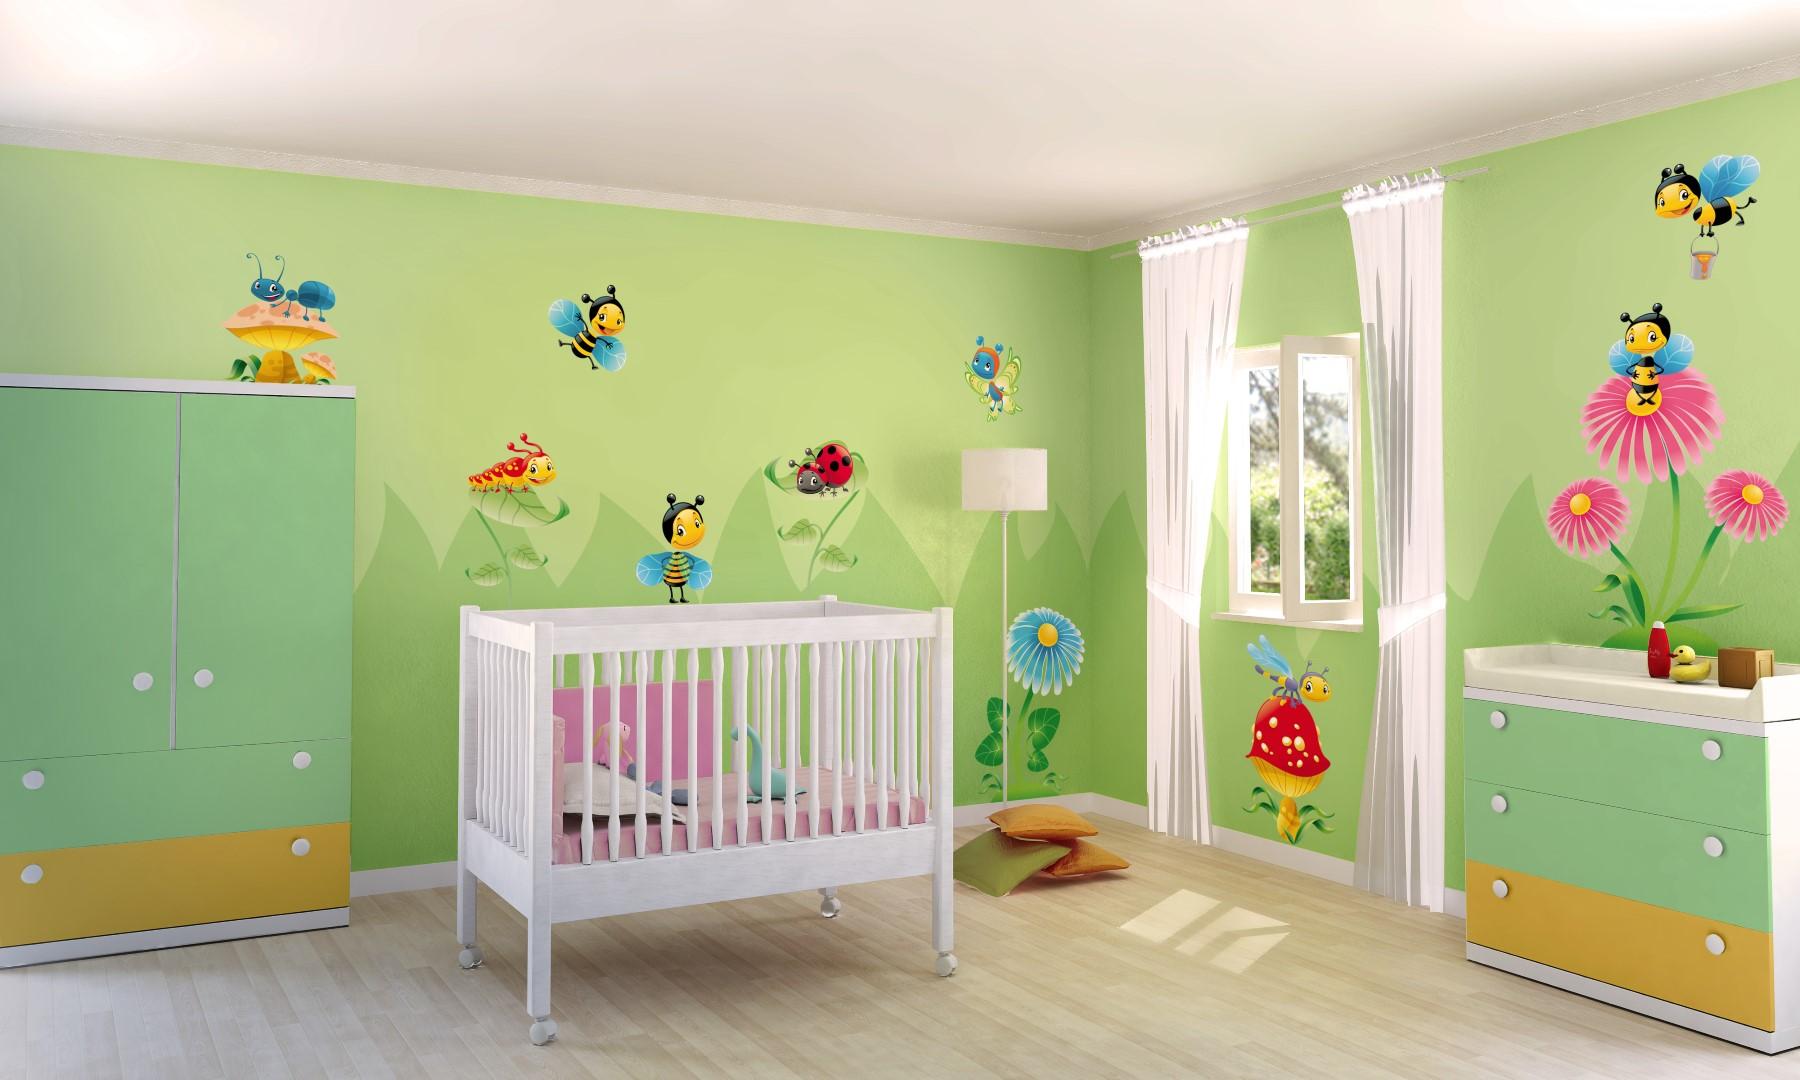 Colori Da Parete Per Camerette quale colore per le pareti della cameretta dei bambini? i